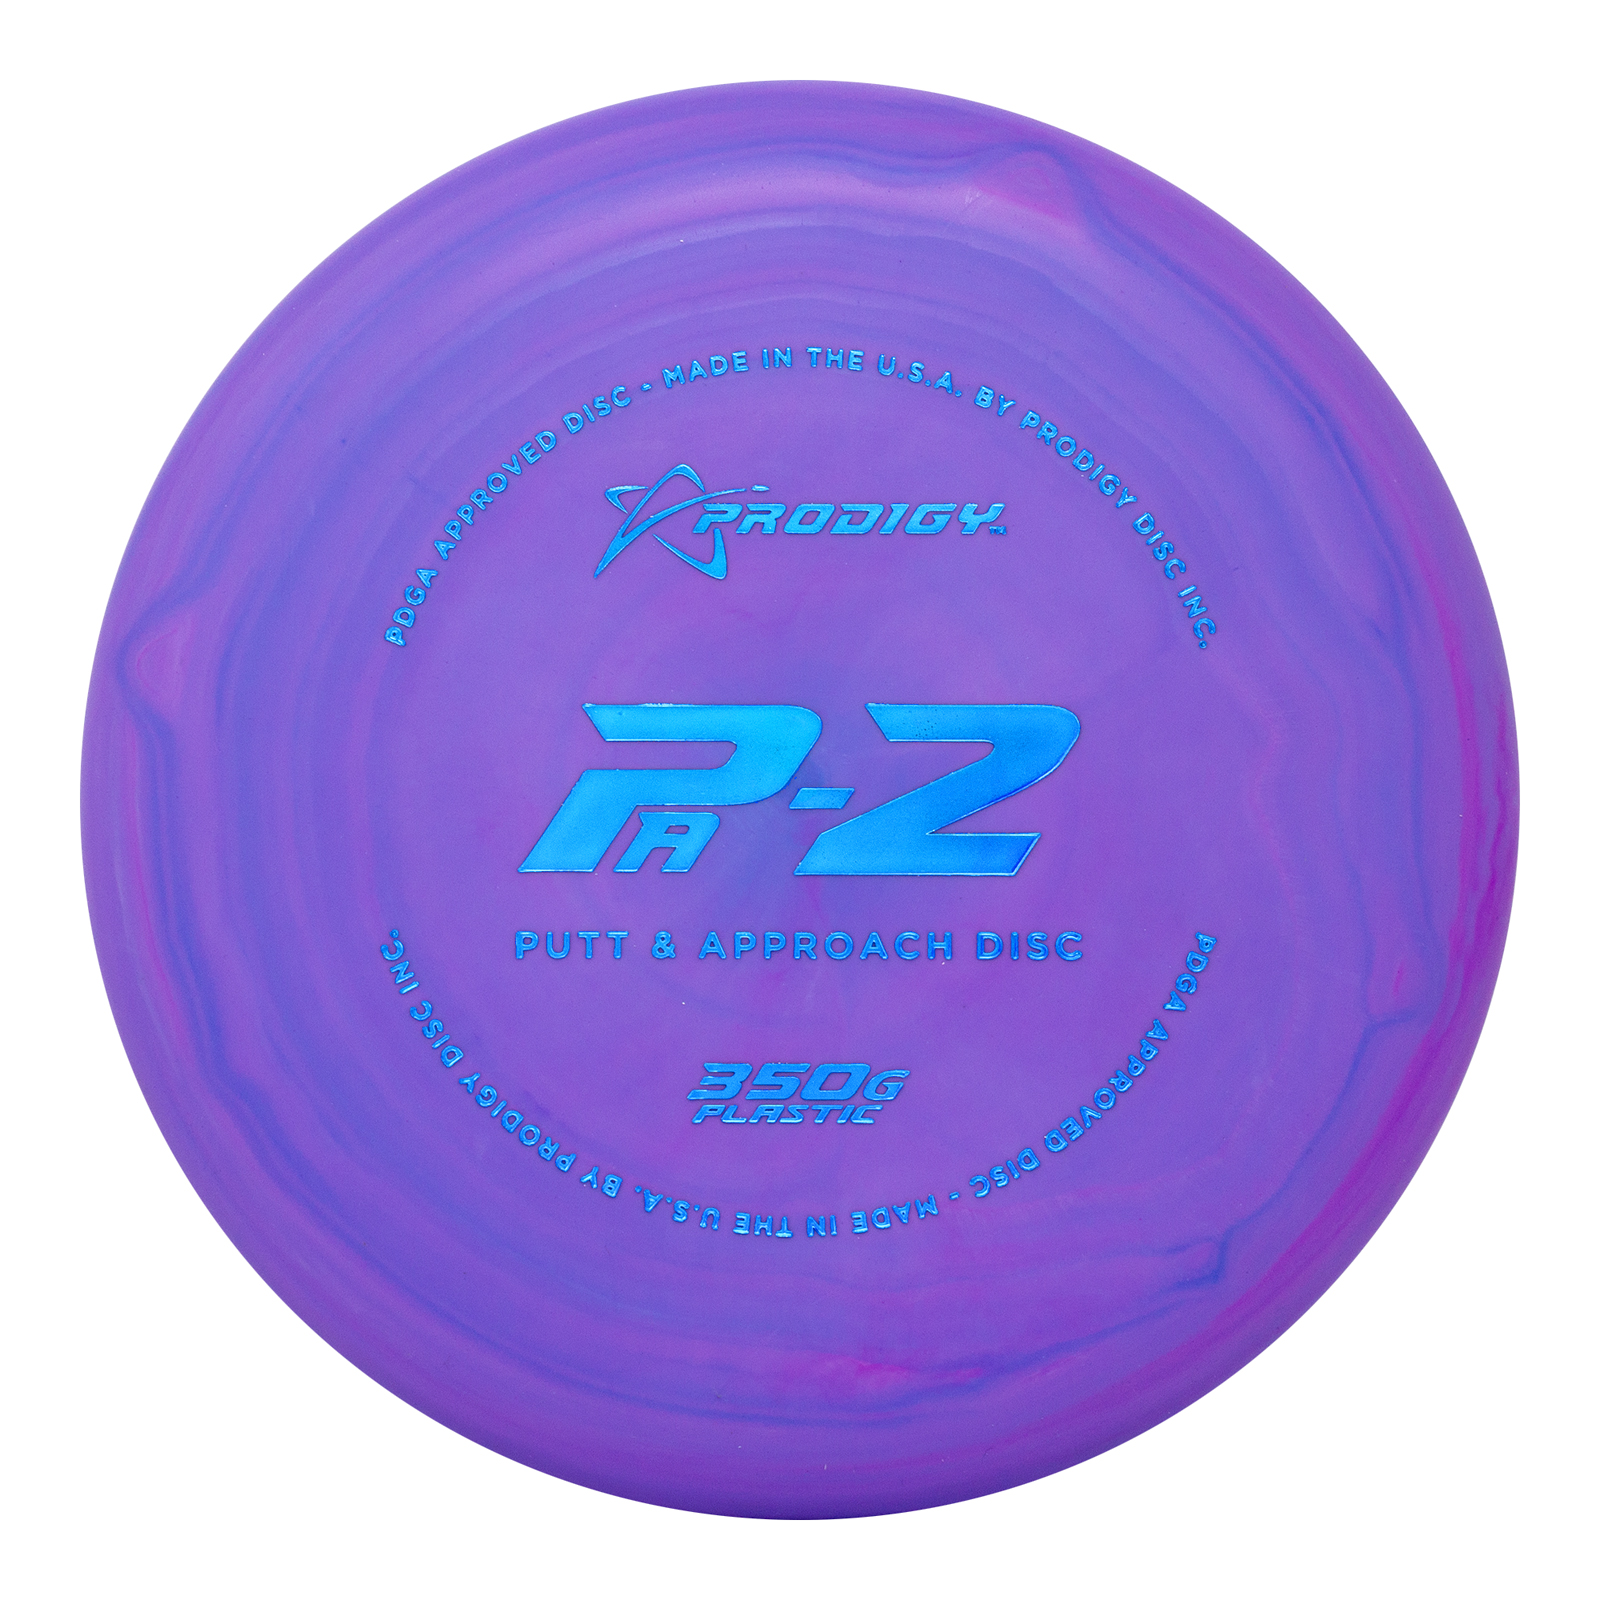 PA-2 - 350G PLASTIC